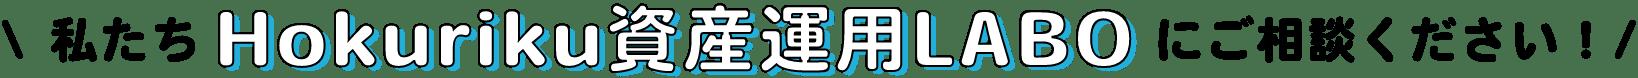 私たちHokuriku資産運用LABOにご相談ください!